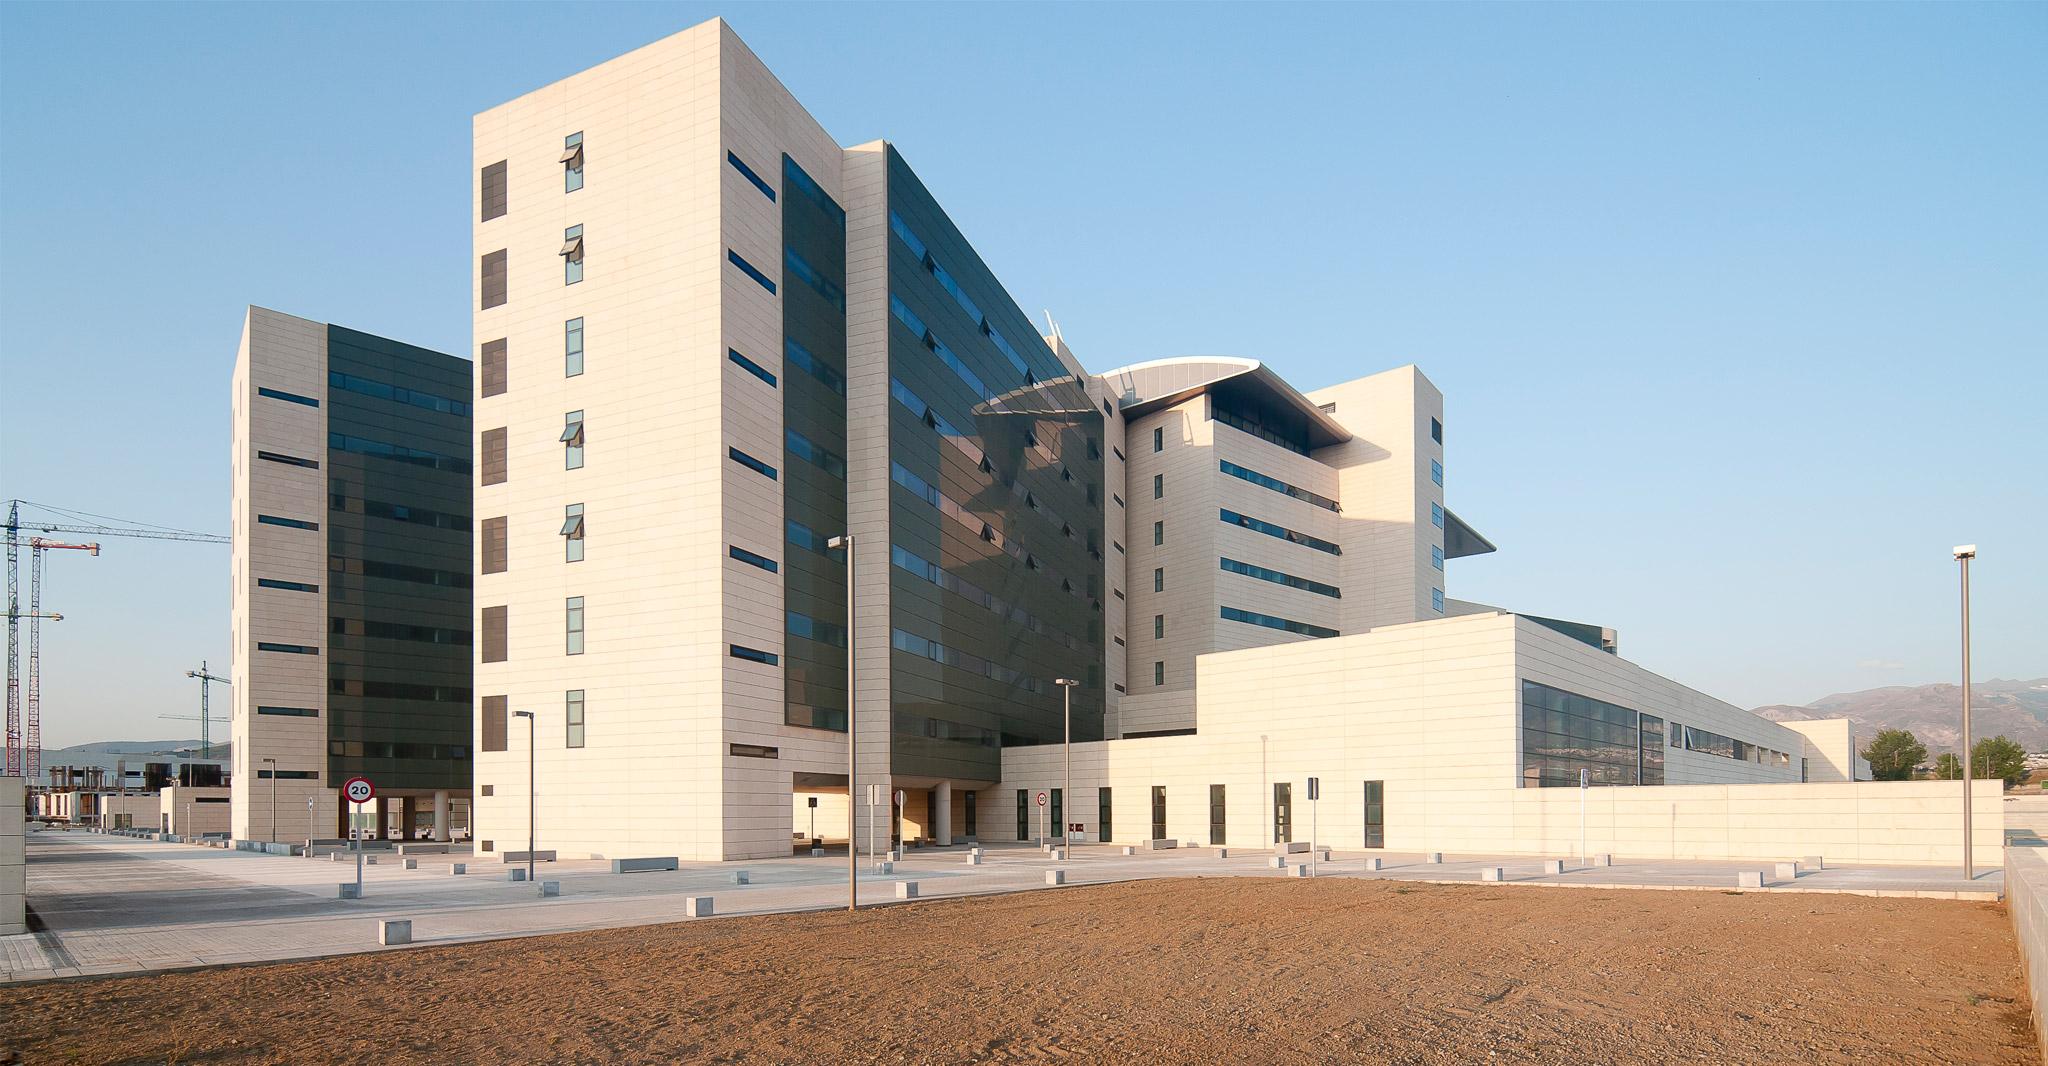 Hospital_Campus_de_la_salud_03